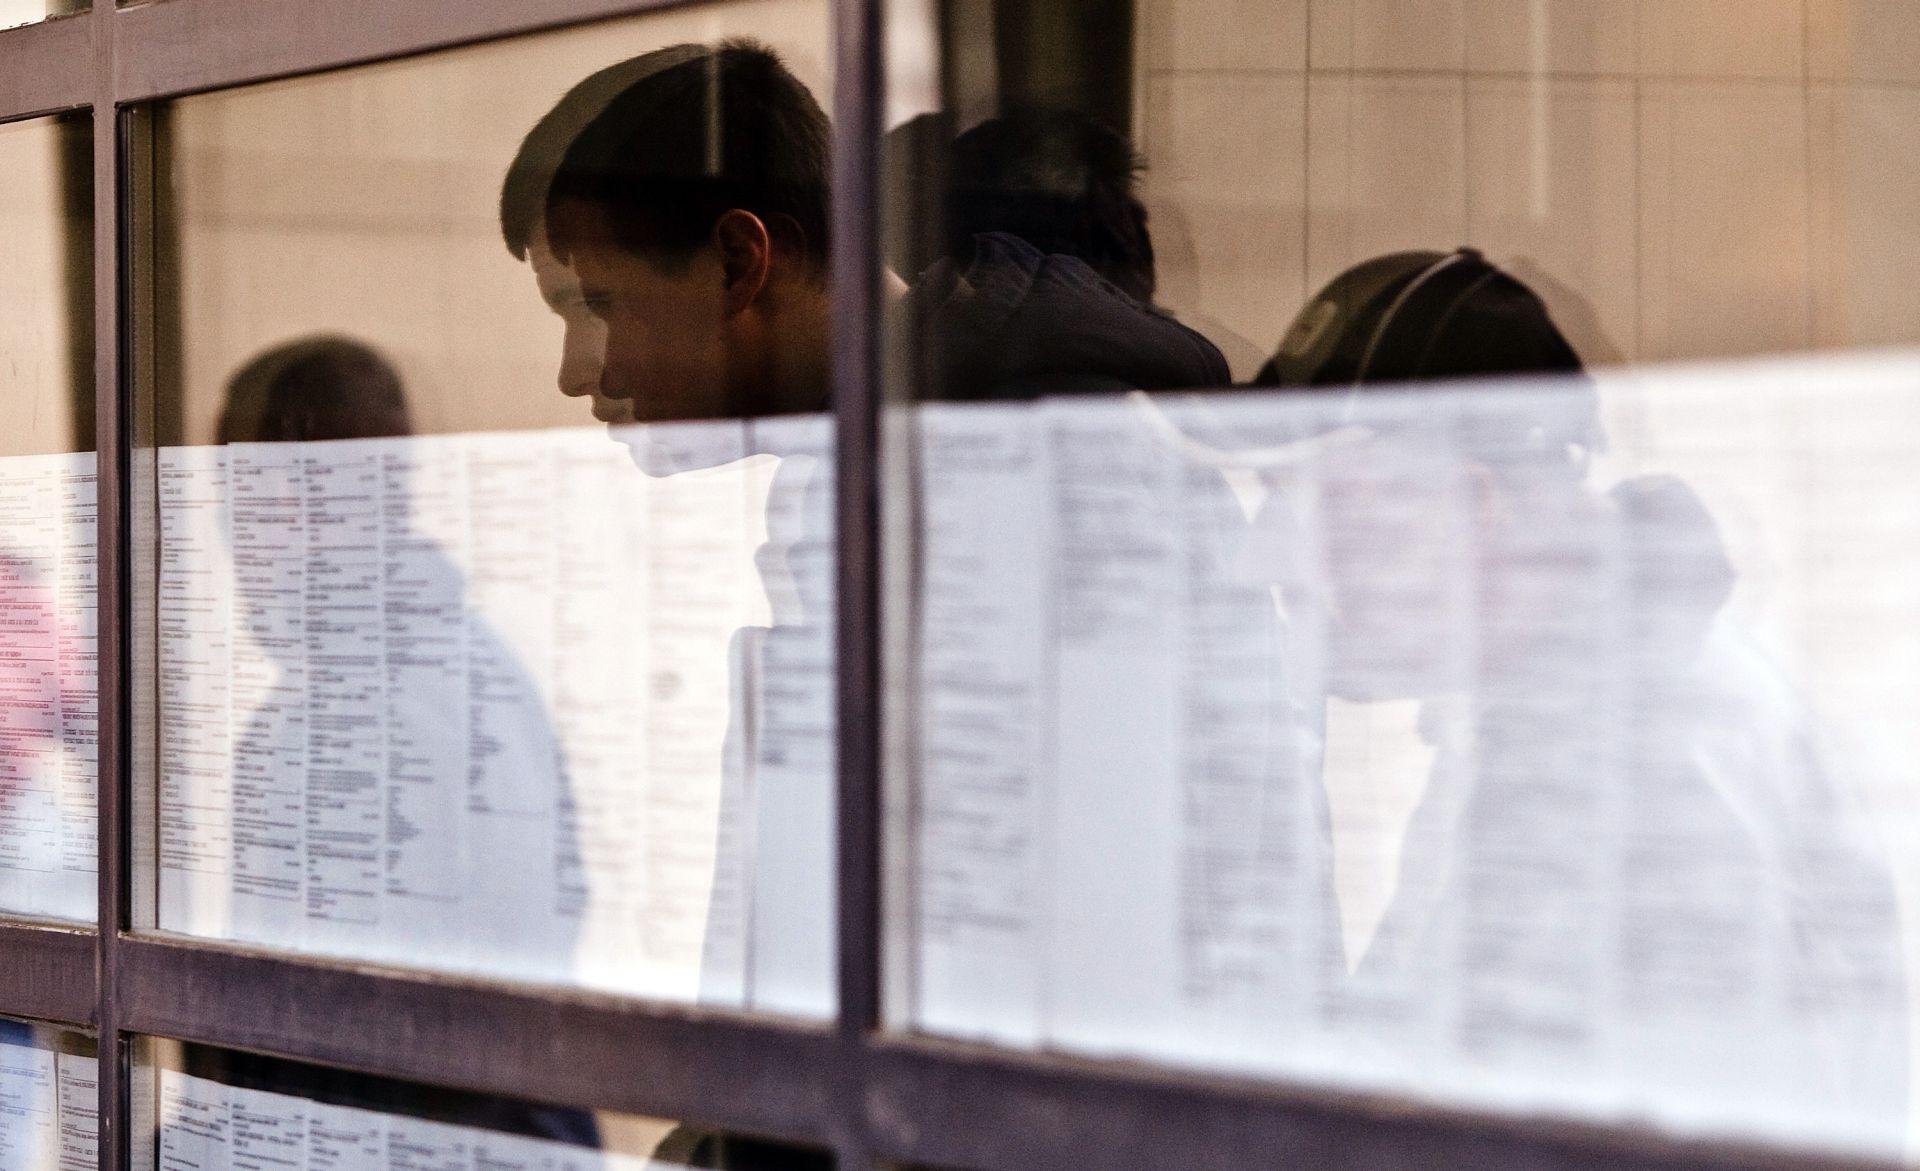 Hrvatska u vrhu EU-a po udjelu nezaposlenih mladih izvan sustava obrazovanja ili osposobljavanja